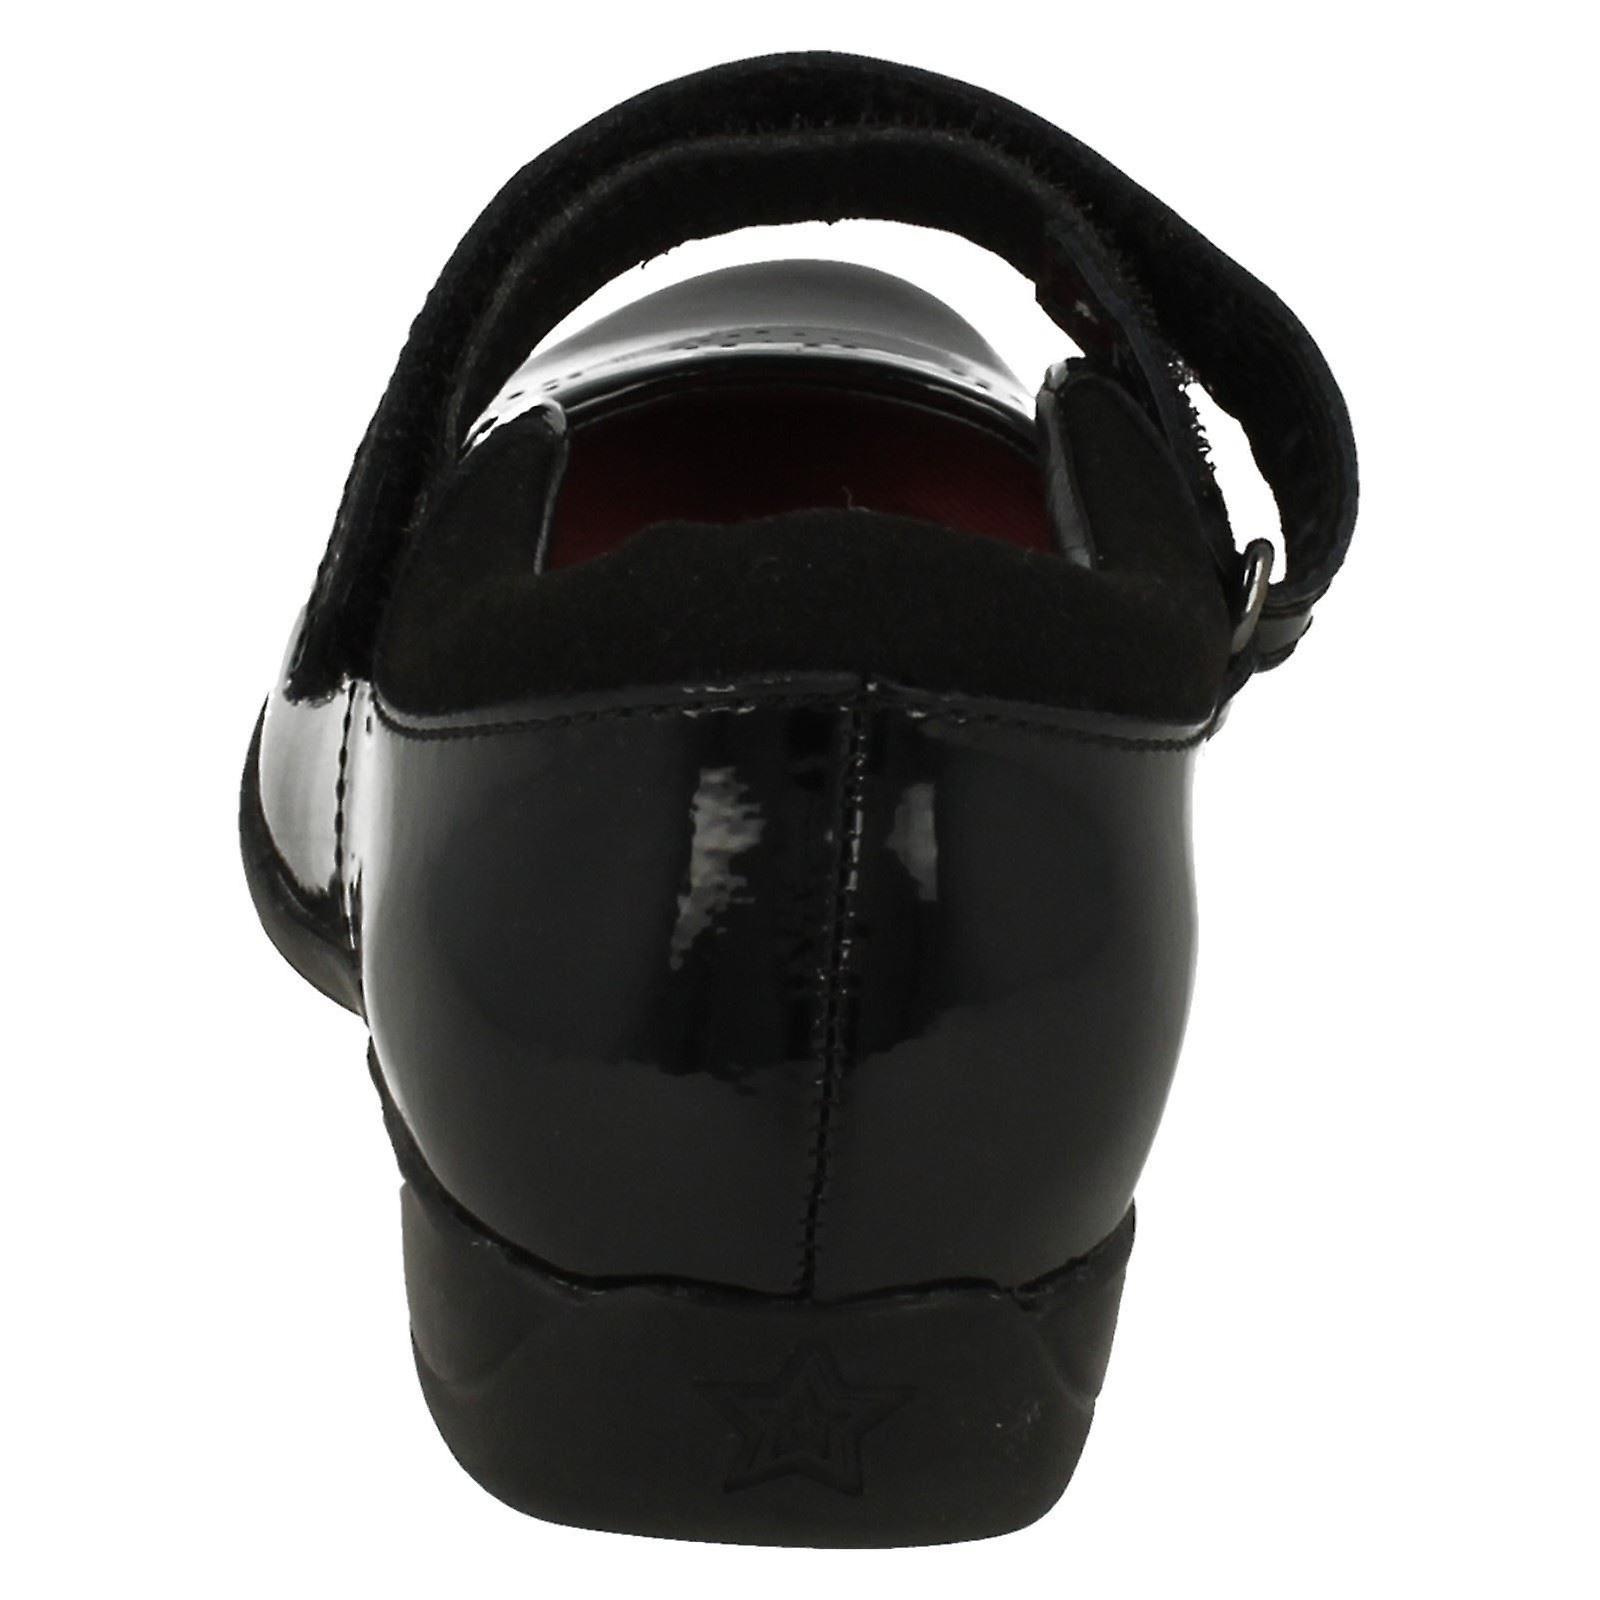 d75bd02b1 Infant Junior Girls Clarks School Shoes Friend Fizz